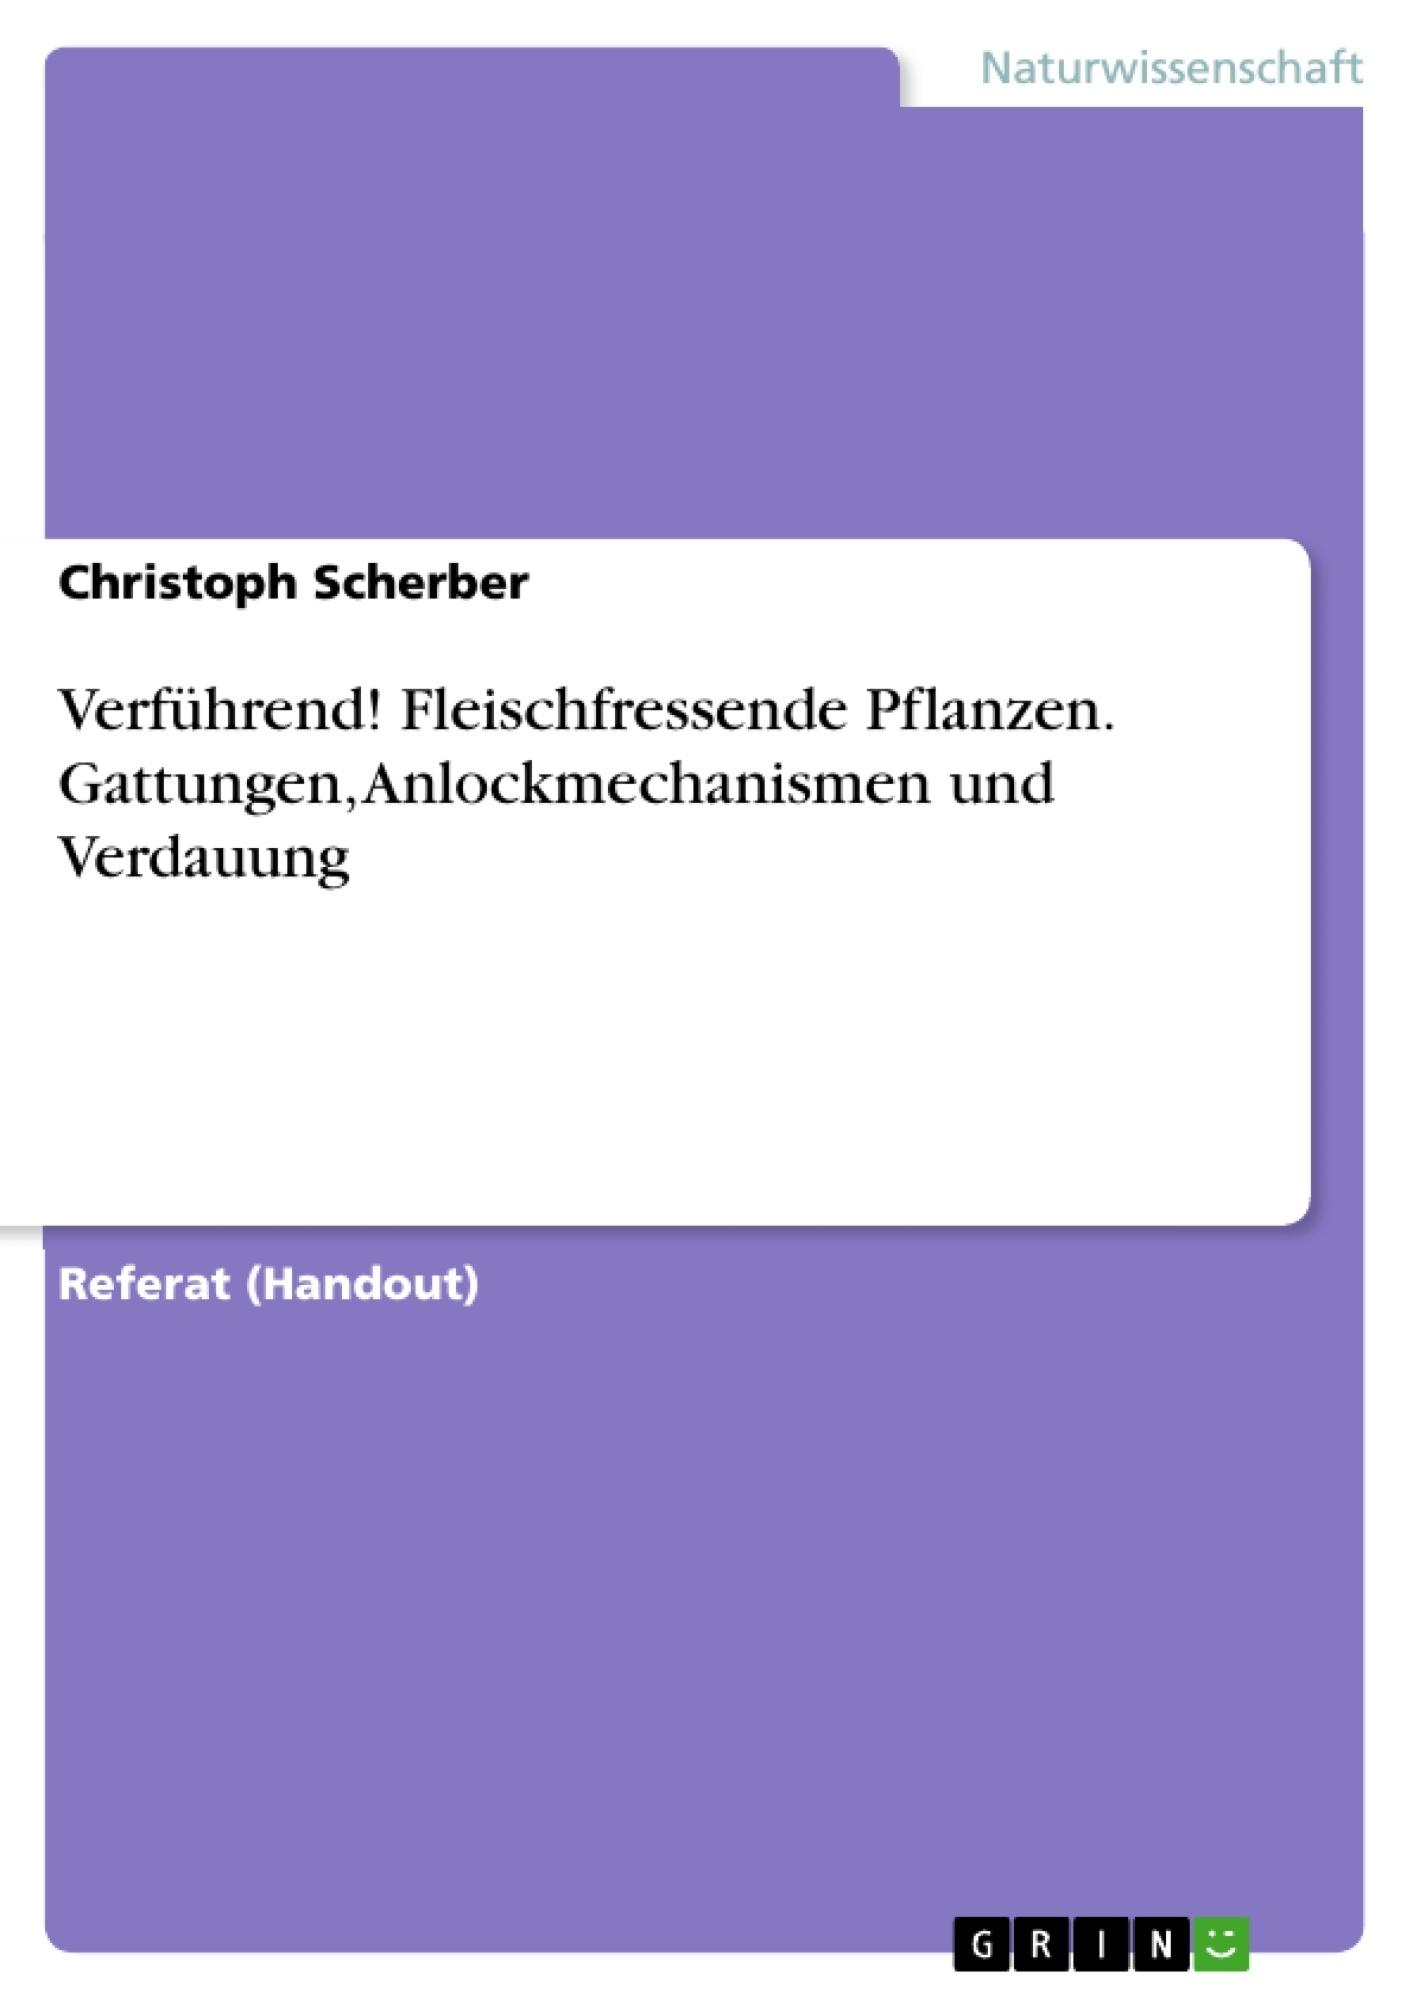 Titel: Verführend! Fleischfressende Pflanzen. Gattungen, Anlockmechanismen und Verdauung